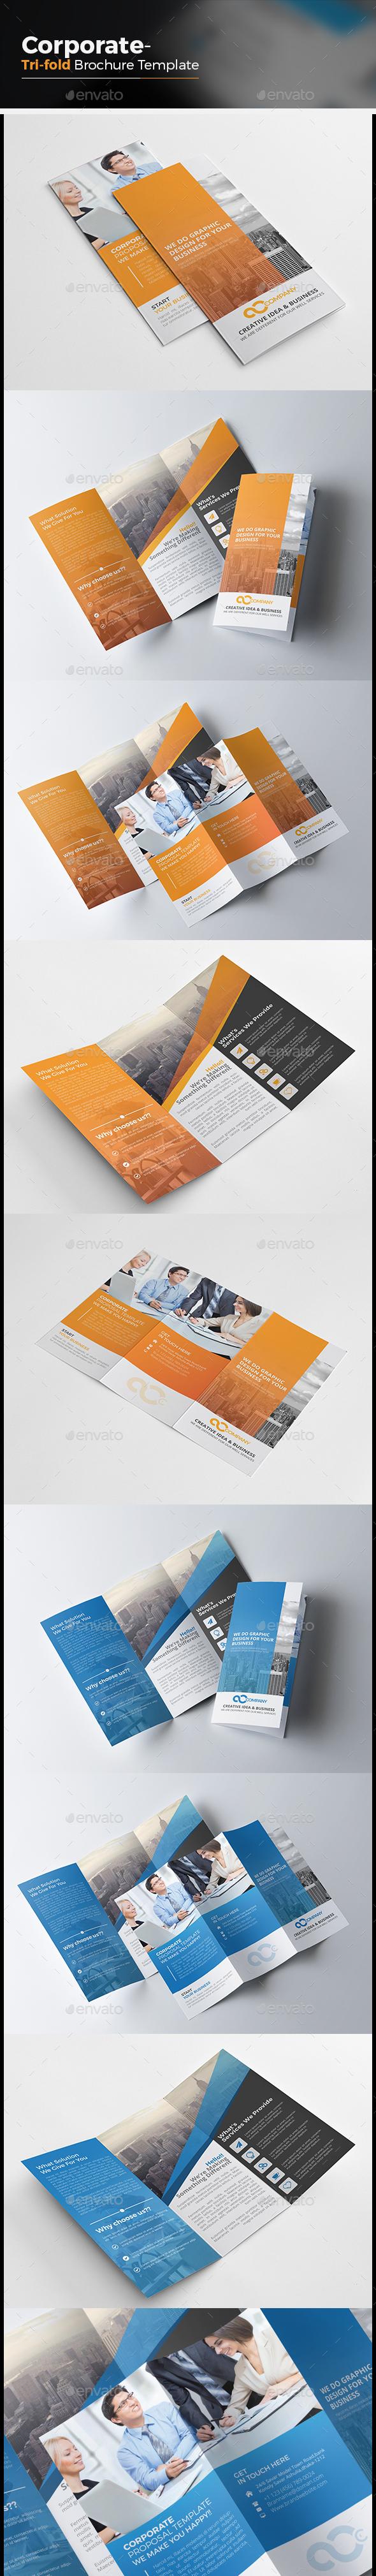 Corporate Tri-fold Brochure - Corporate Brochures